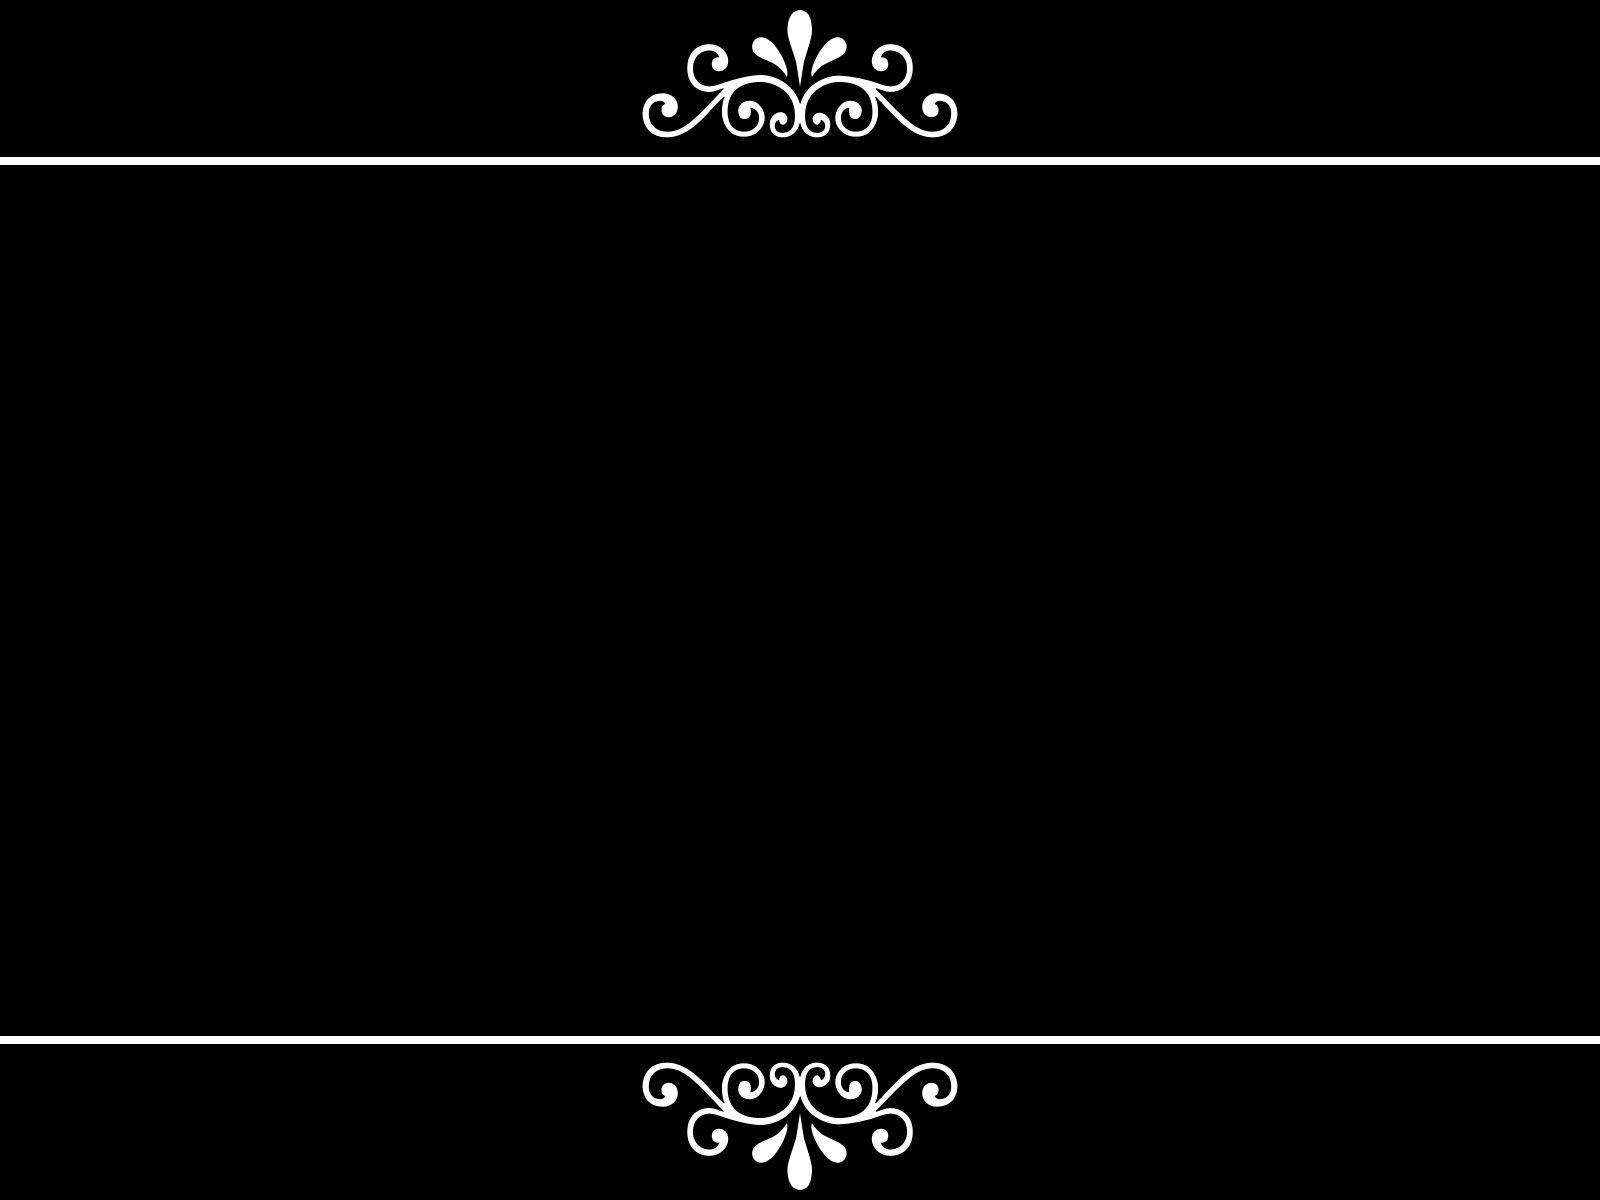 black wedding backgrounds - photo #18